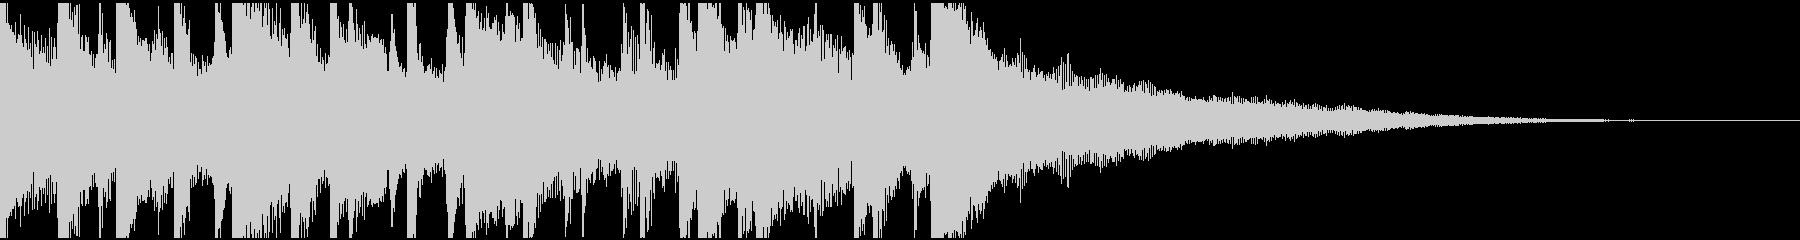 ウクレレ、リコーダーの楽しい楽曲15秒Bの未再生の波形